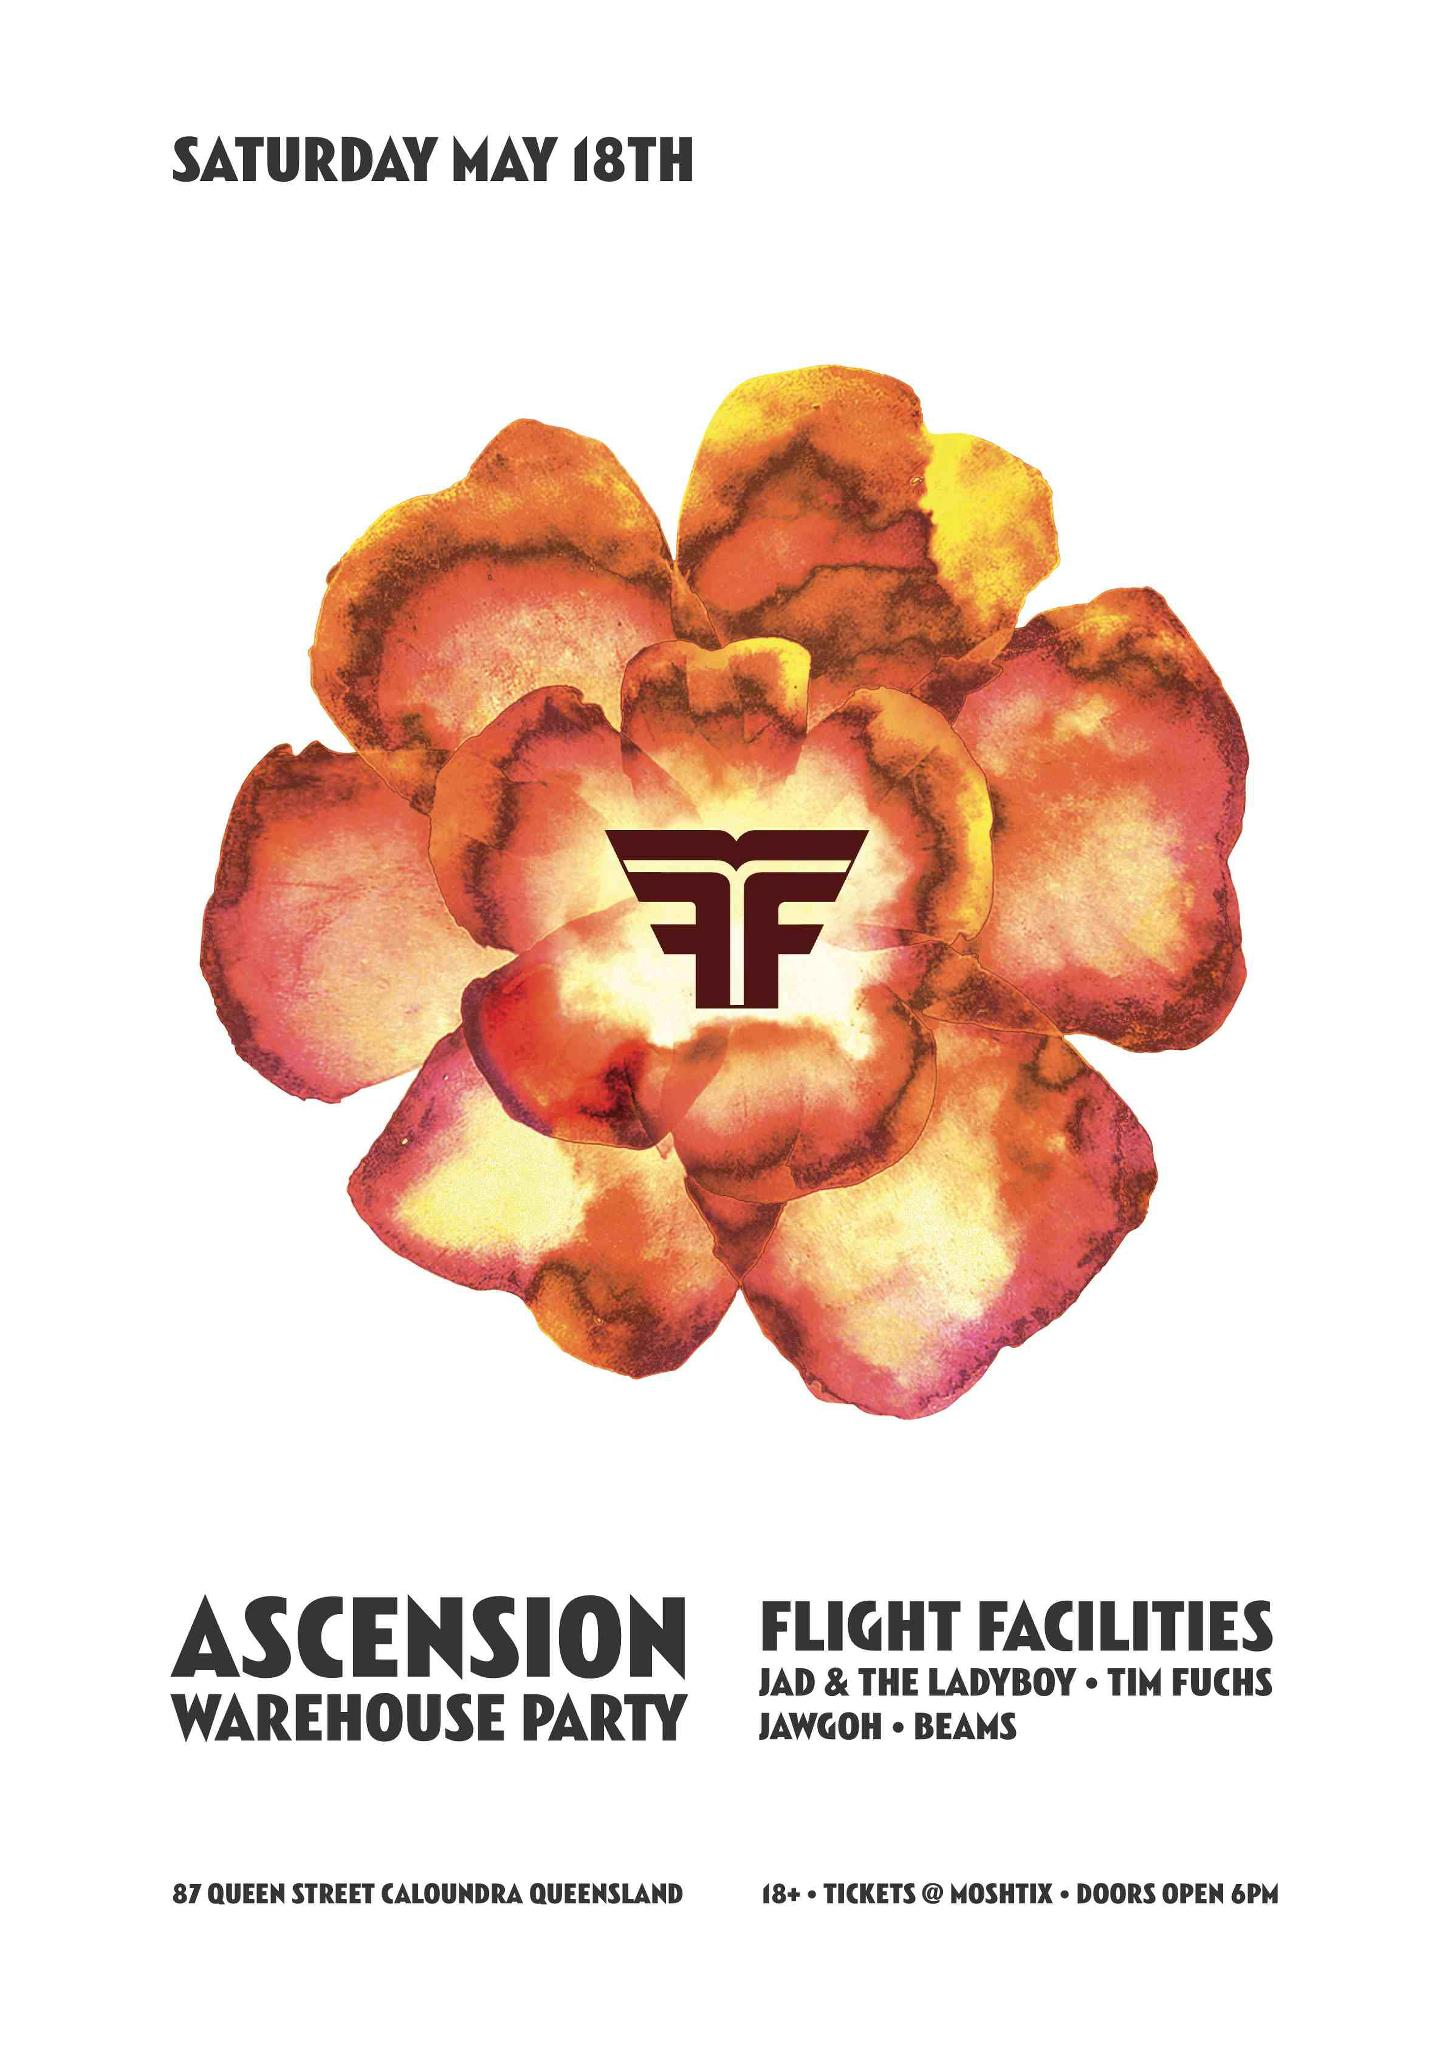 Flight Facilities poster